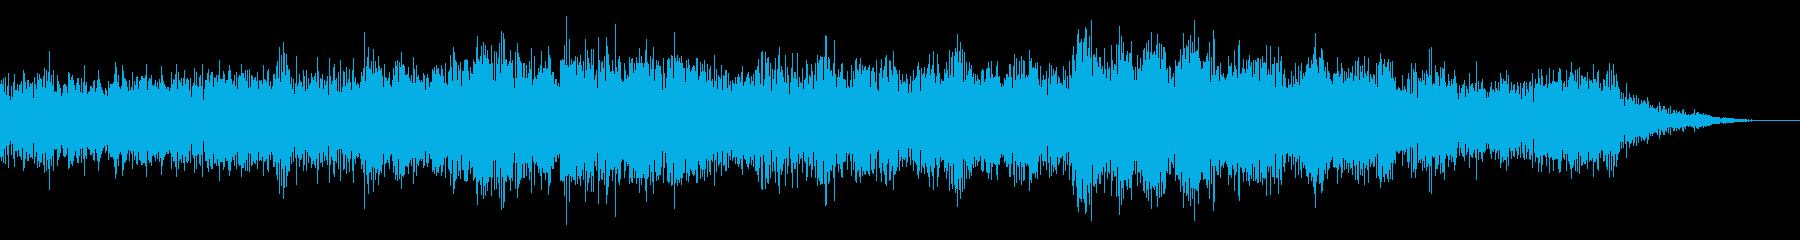 ホラー映画に出てきそうなノイズ系音源16の再生済みの波形